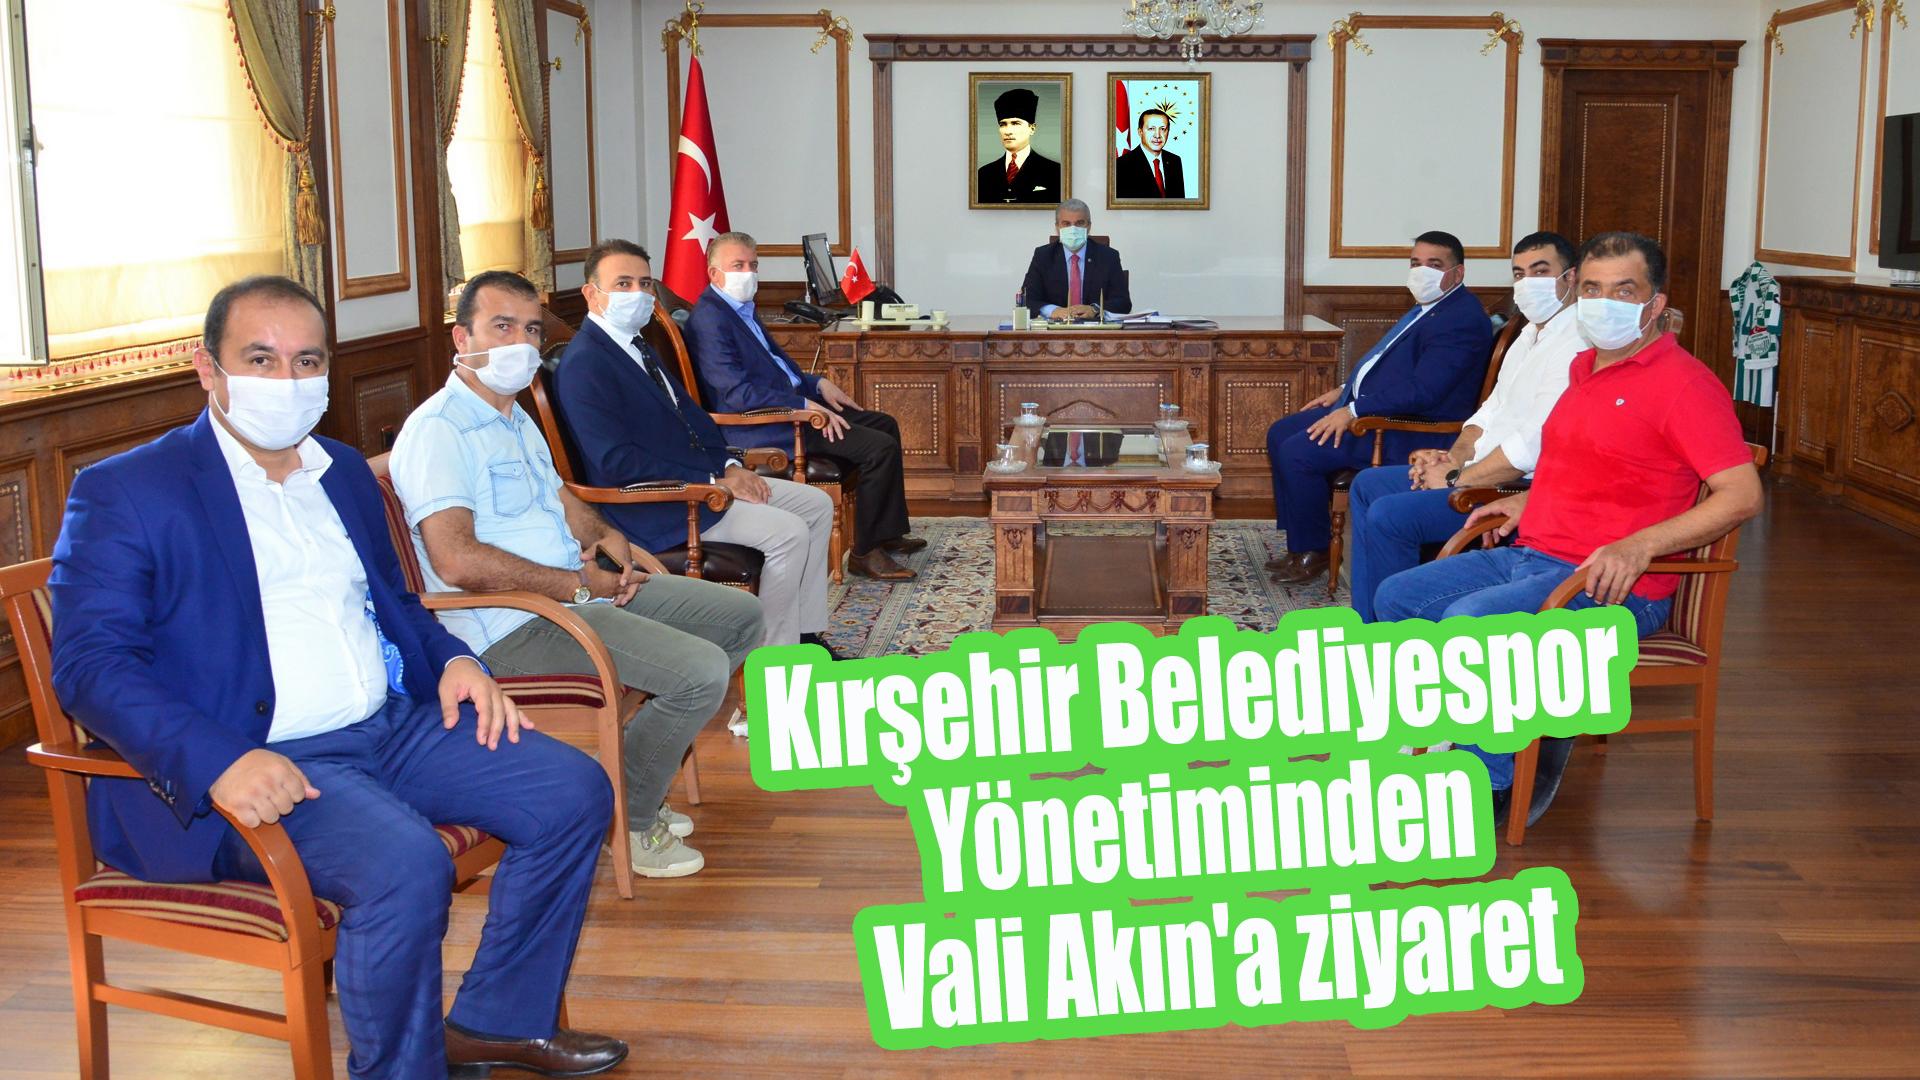 Kırşehir Belediyespor Yönetiminden Vali Akın'a ziyaret